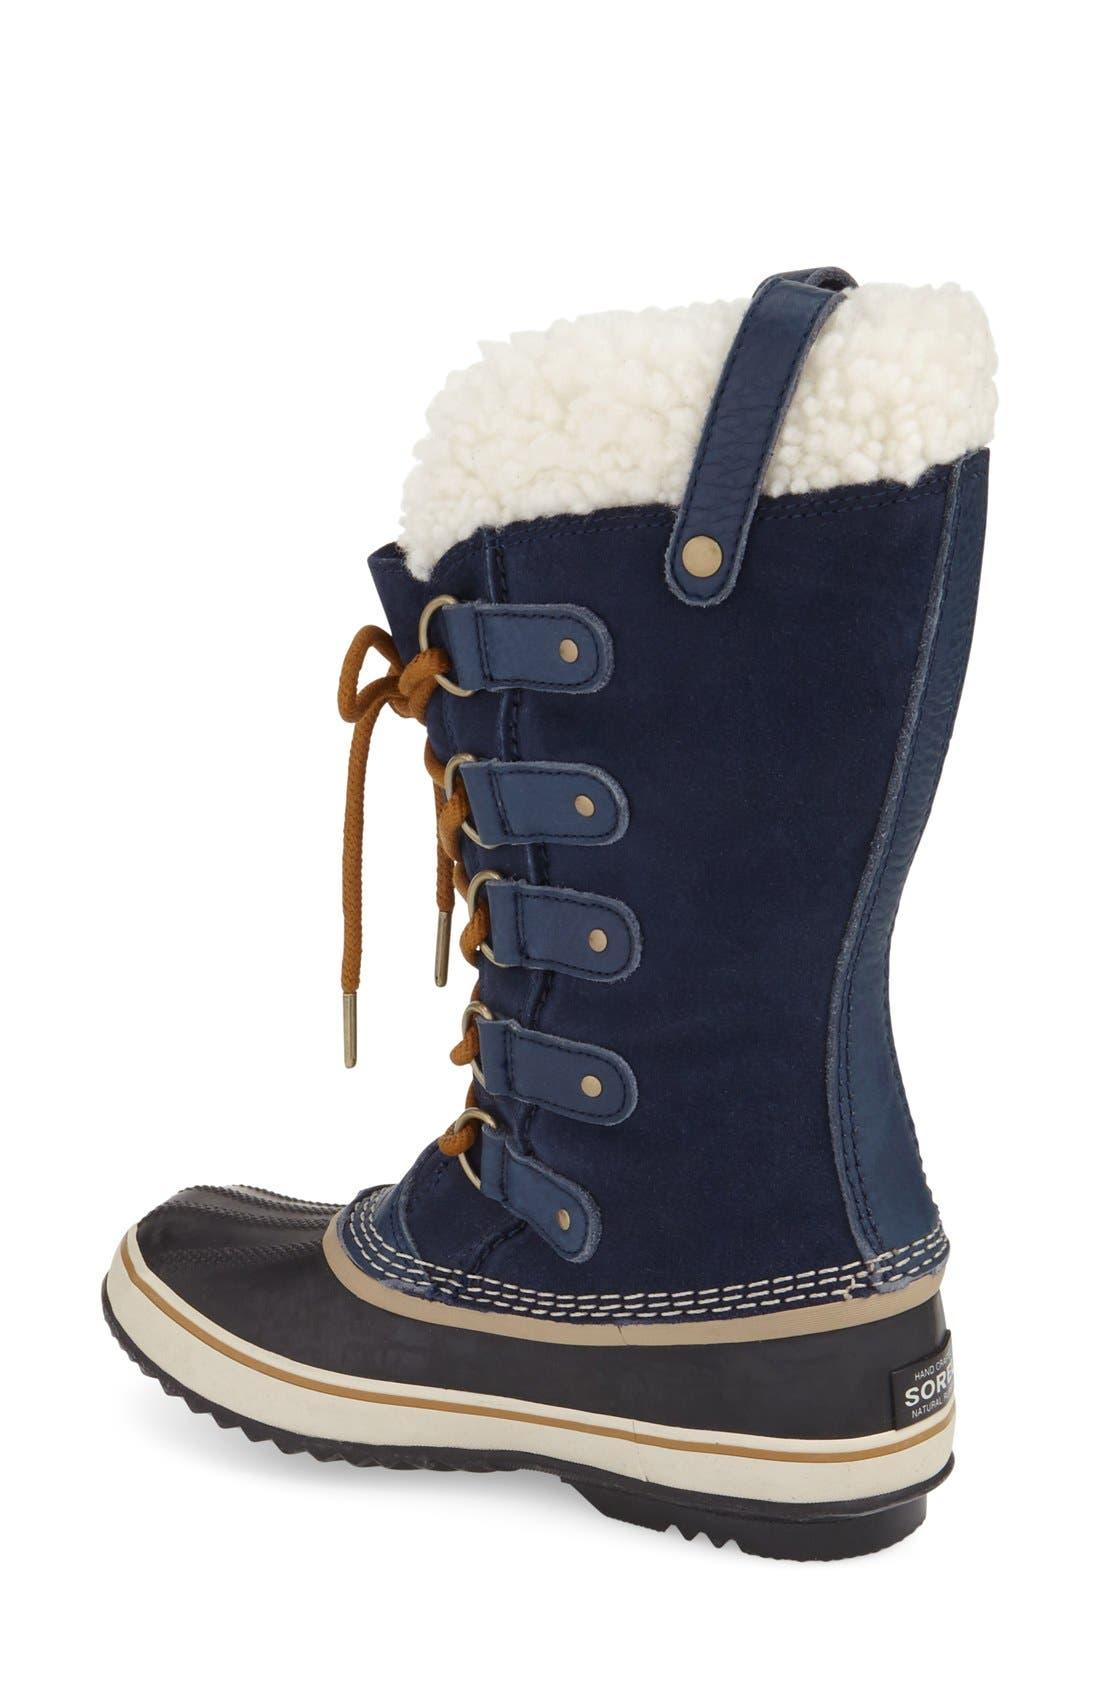 Alternate Image 2  - SOREL Joan of Arctic Genuine Shearling Waterproof Boot (Women) (Regular Retail Price: $219.95)